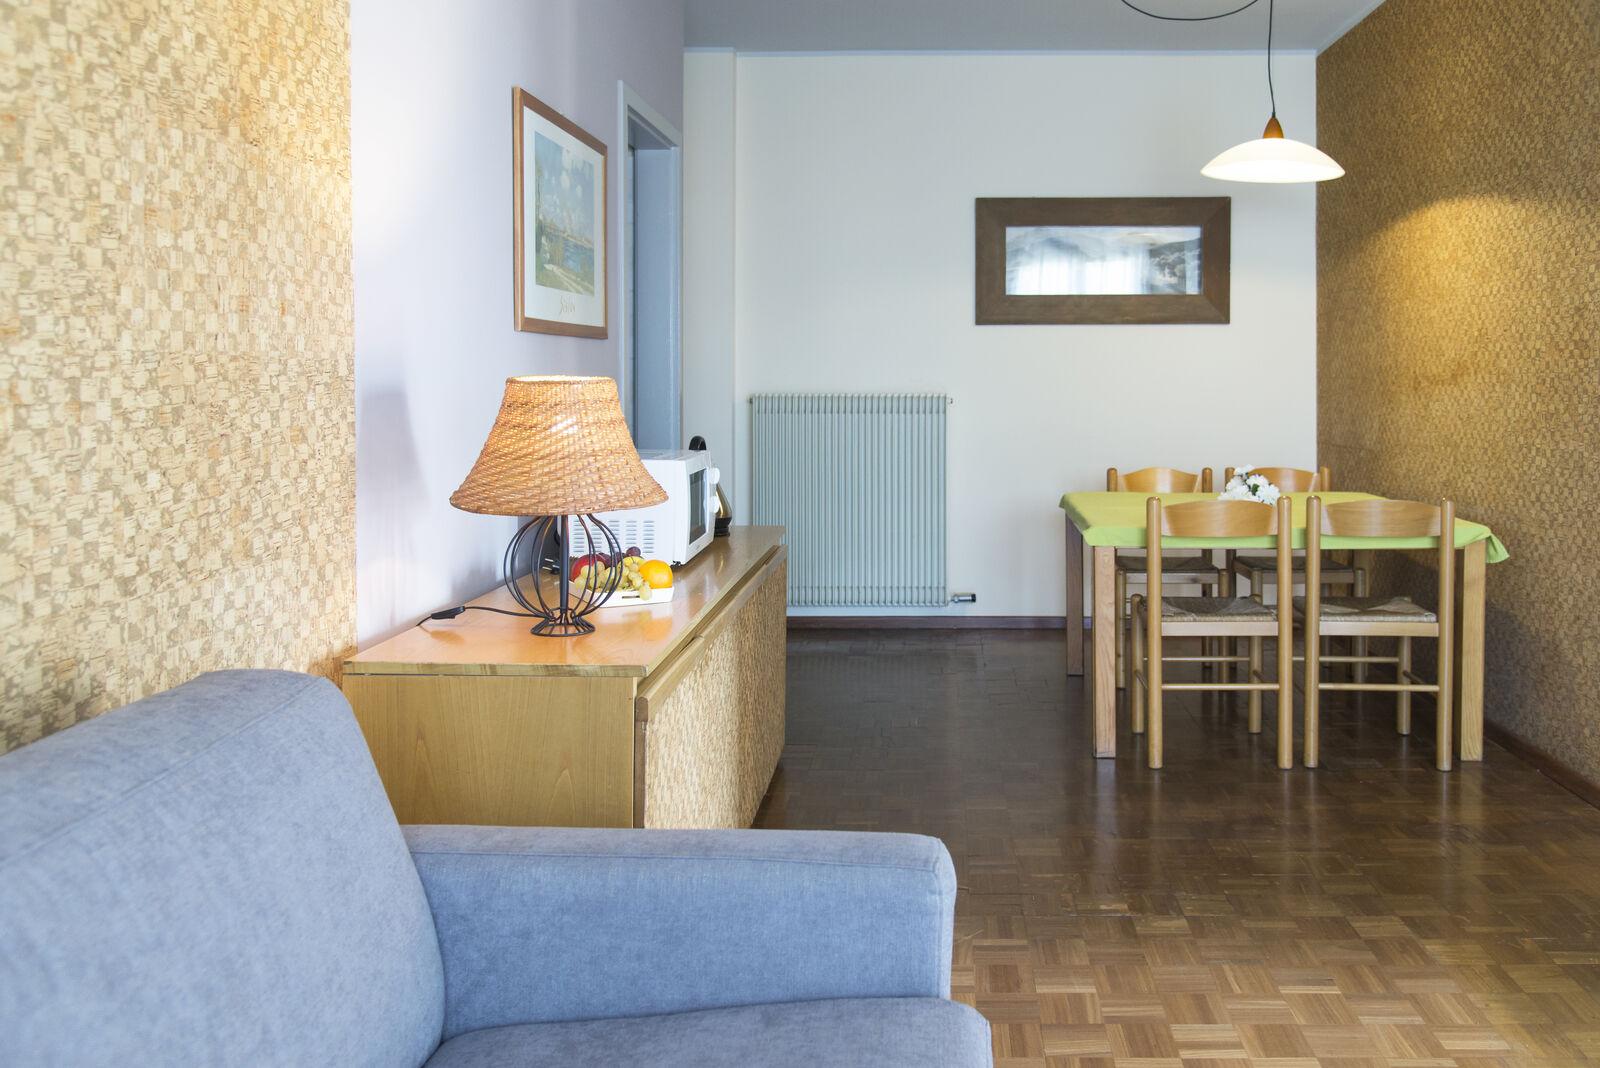 Ambienti Riva Del Garda il tuo appartamento a due passi dalle rive del lago di garda